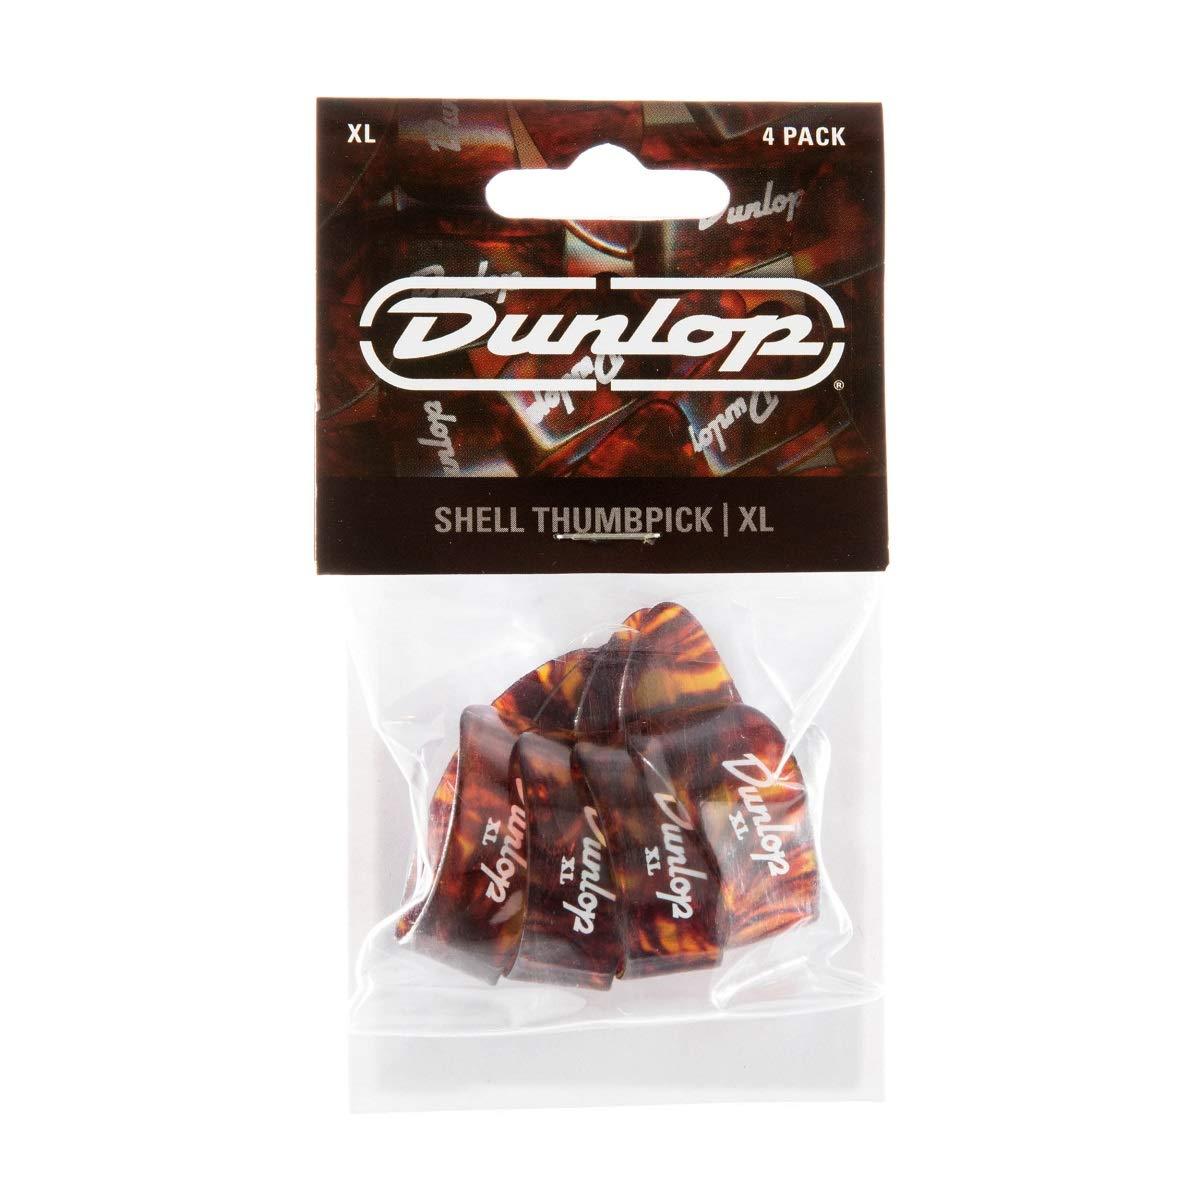 DUNLOP 9024P SHELL THUMBPICKS PACK OF FOUR XL Jim Dunlop 9024P XL